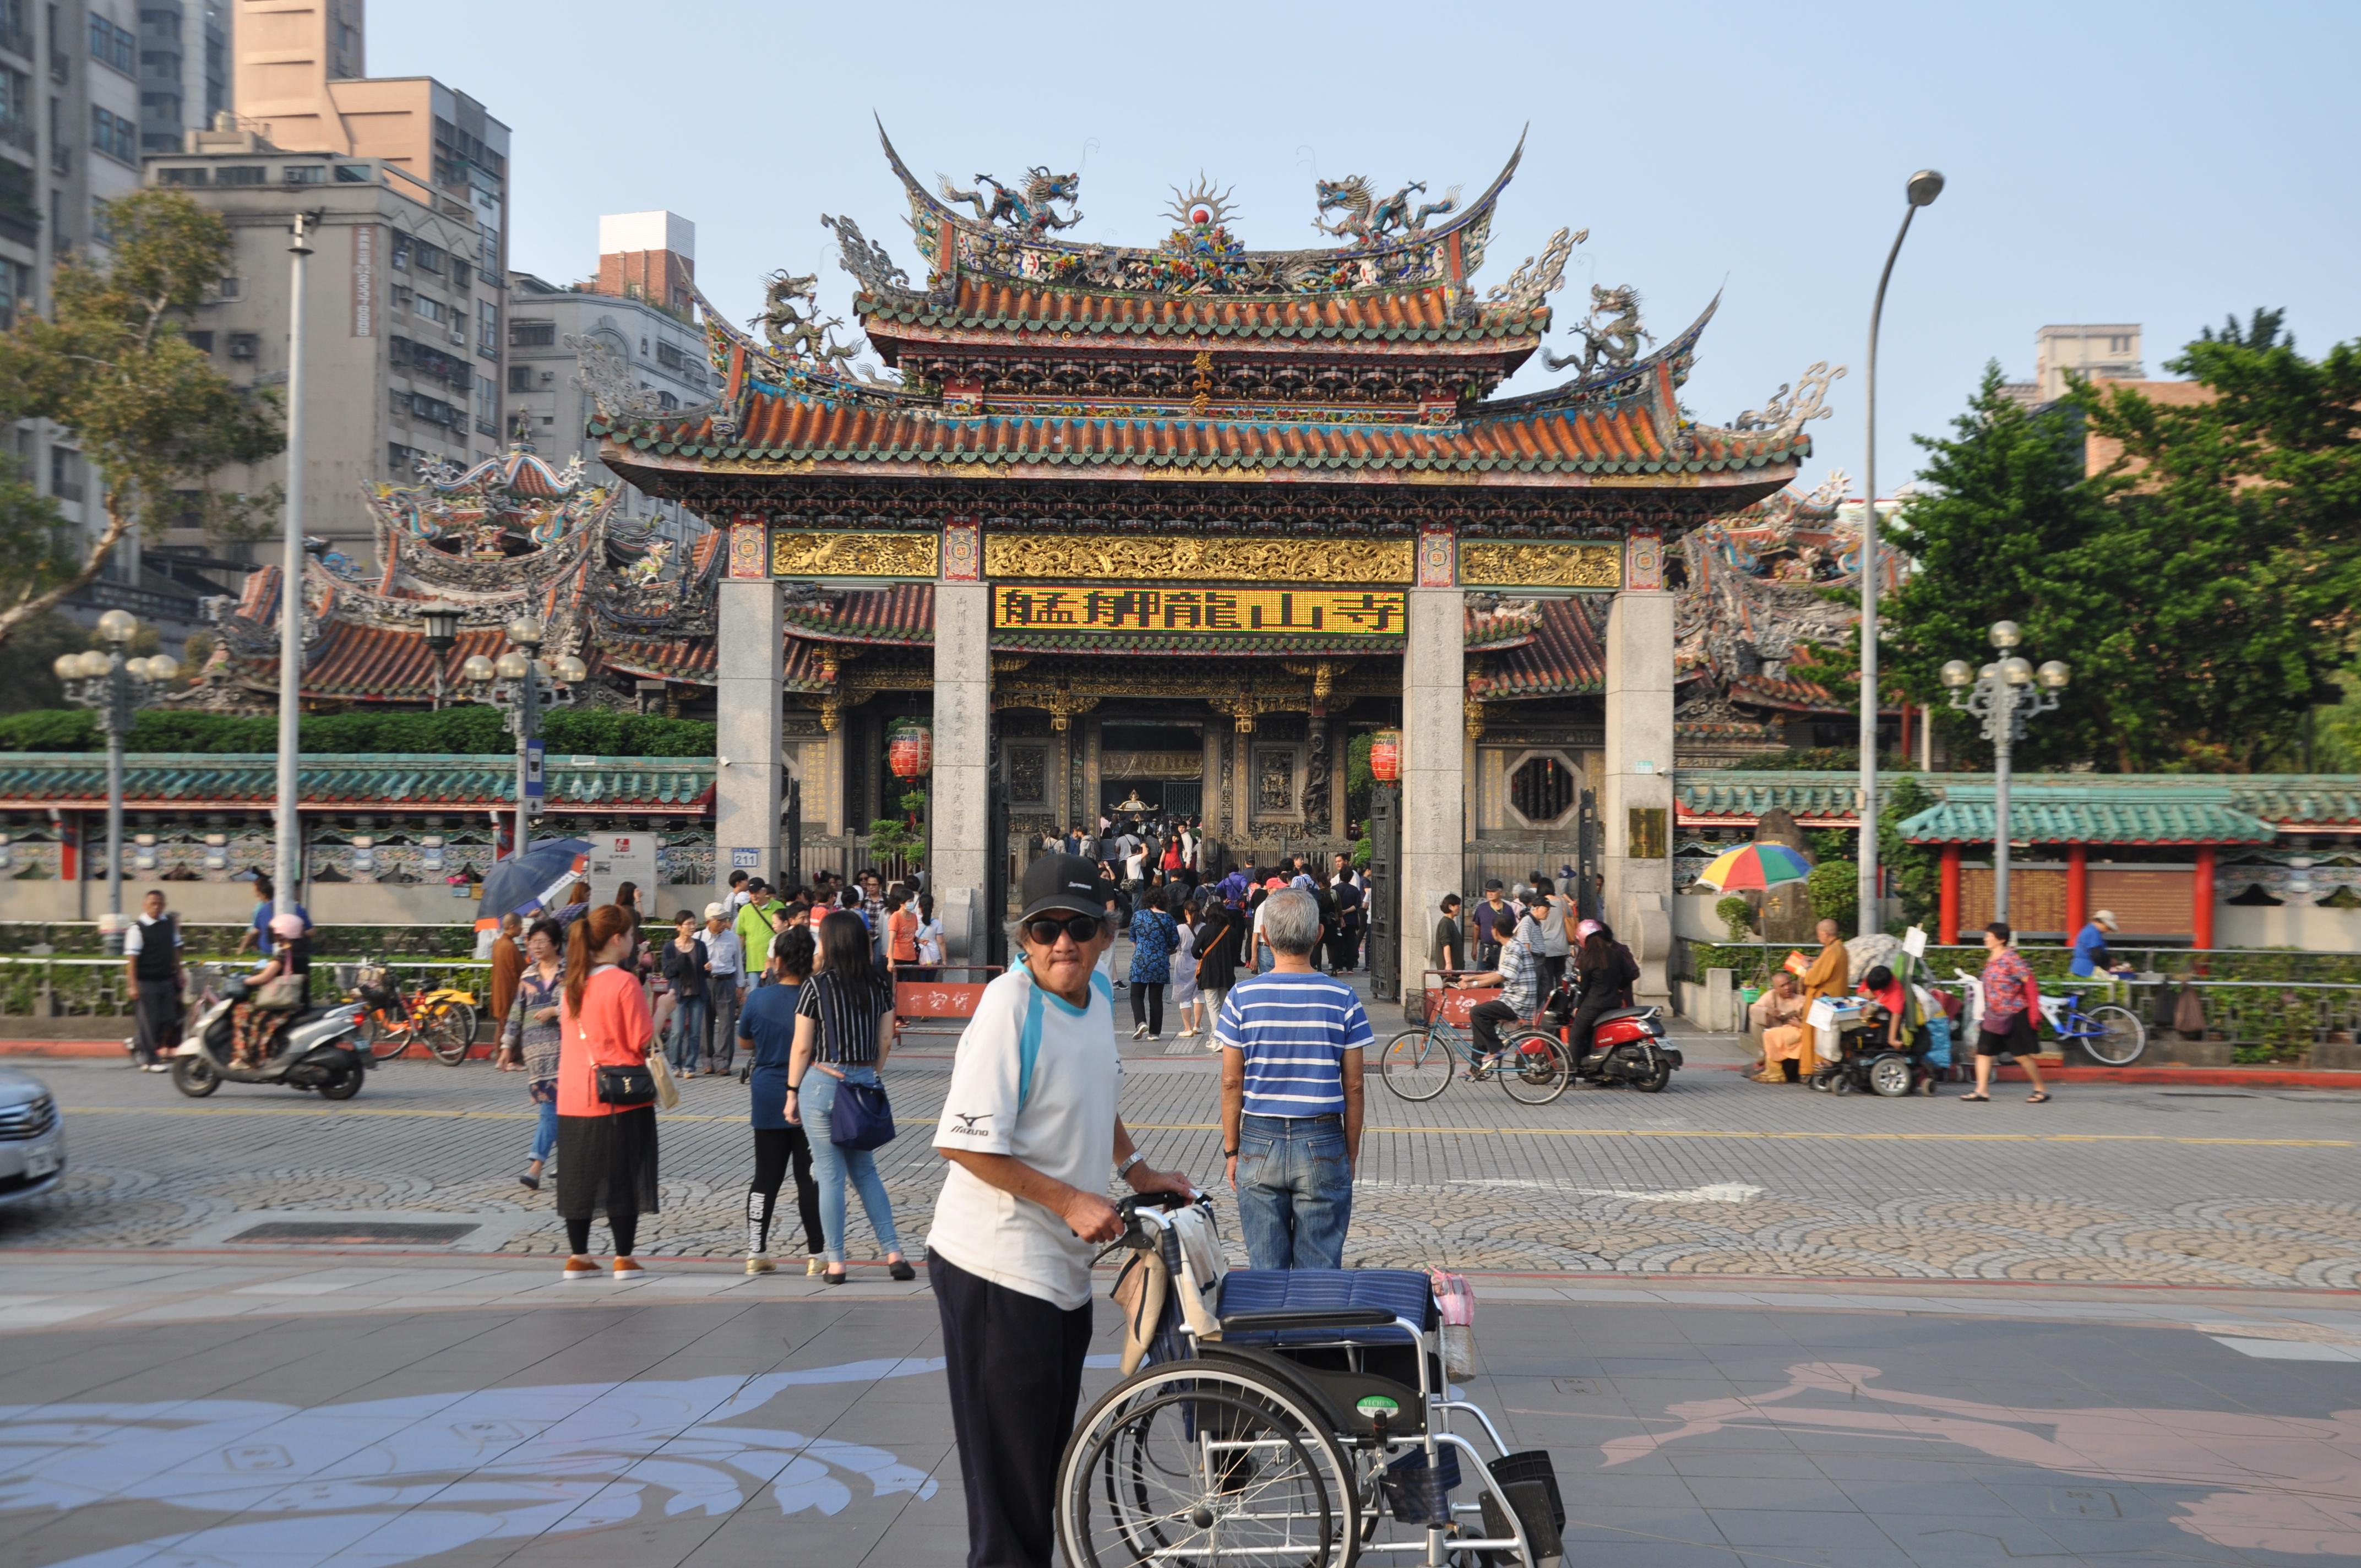 龍山寺為許多遊客來台時必去之處。攝影/李玟逸